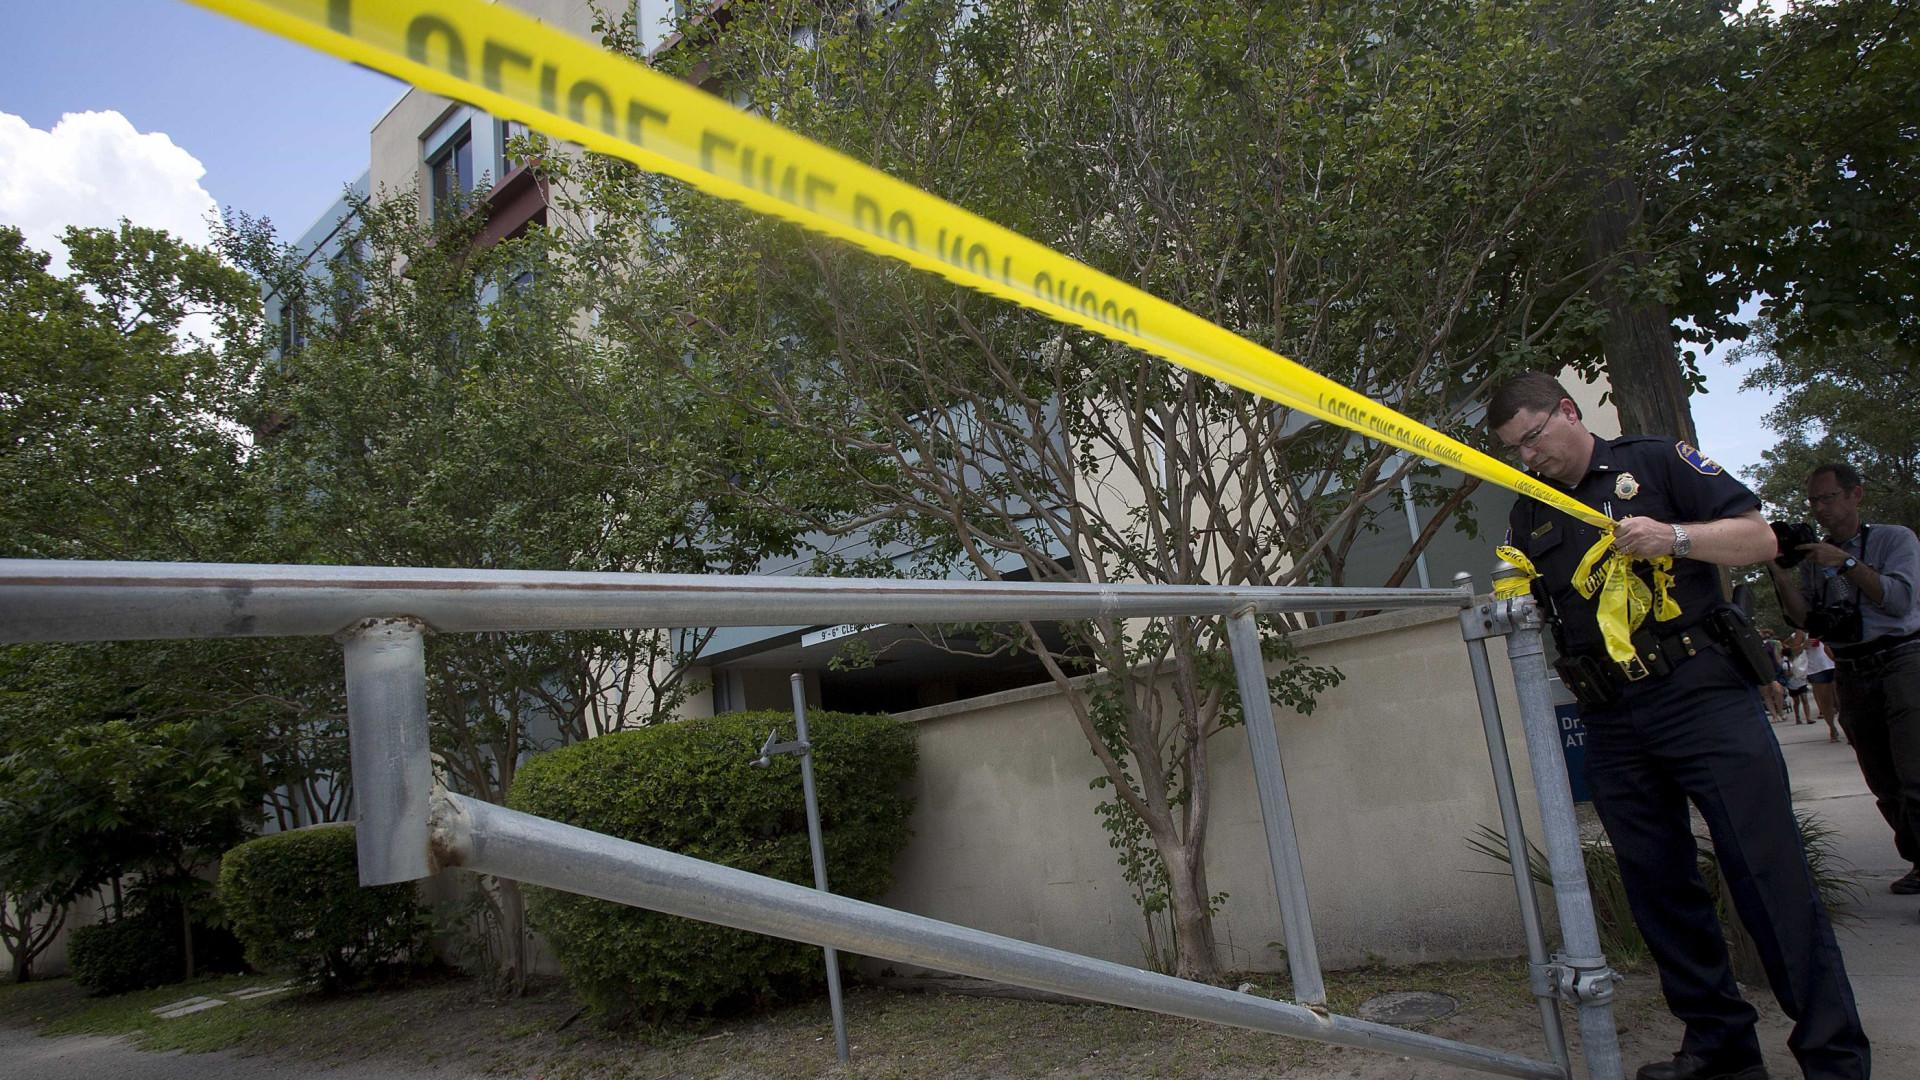 Tiroteio próximo a estádio de futebol deixa feridos na Flórida